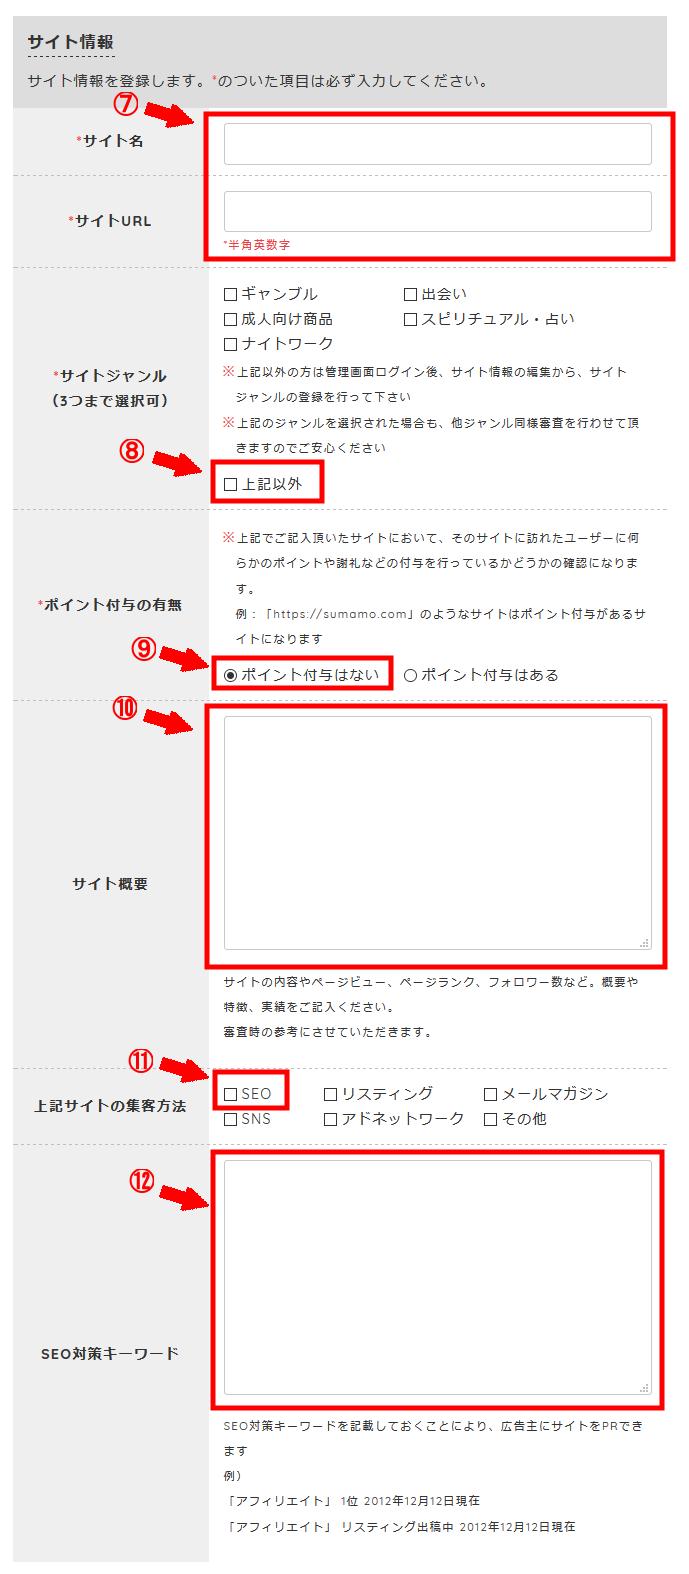 アフィBに無料会員登録する方法3 (9)